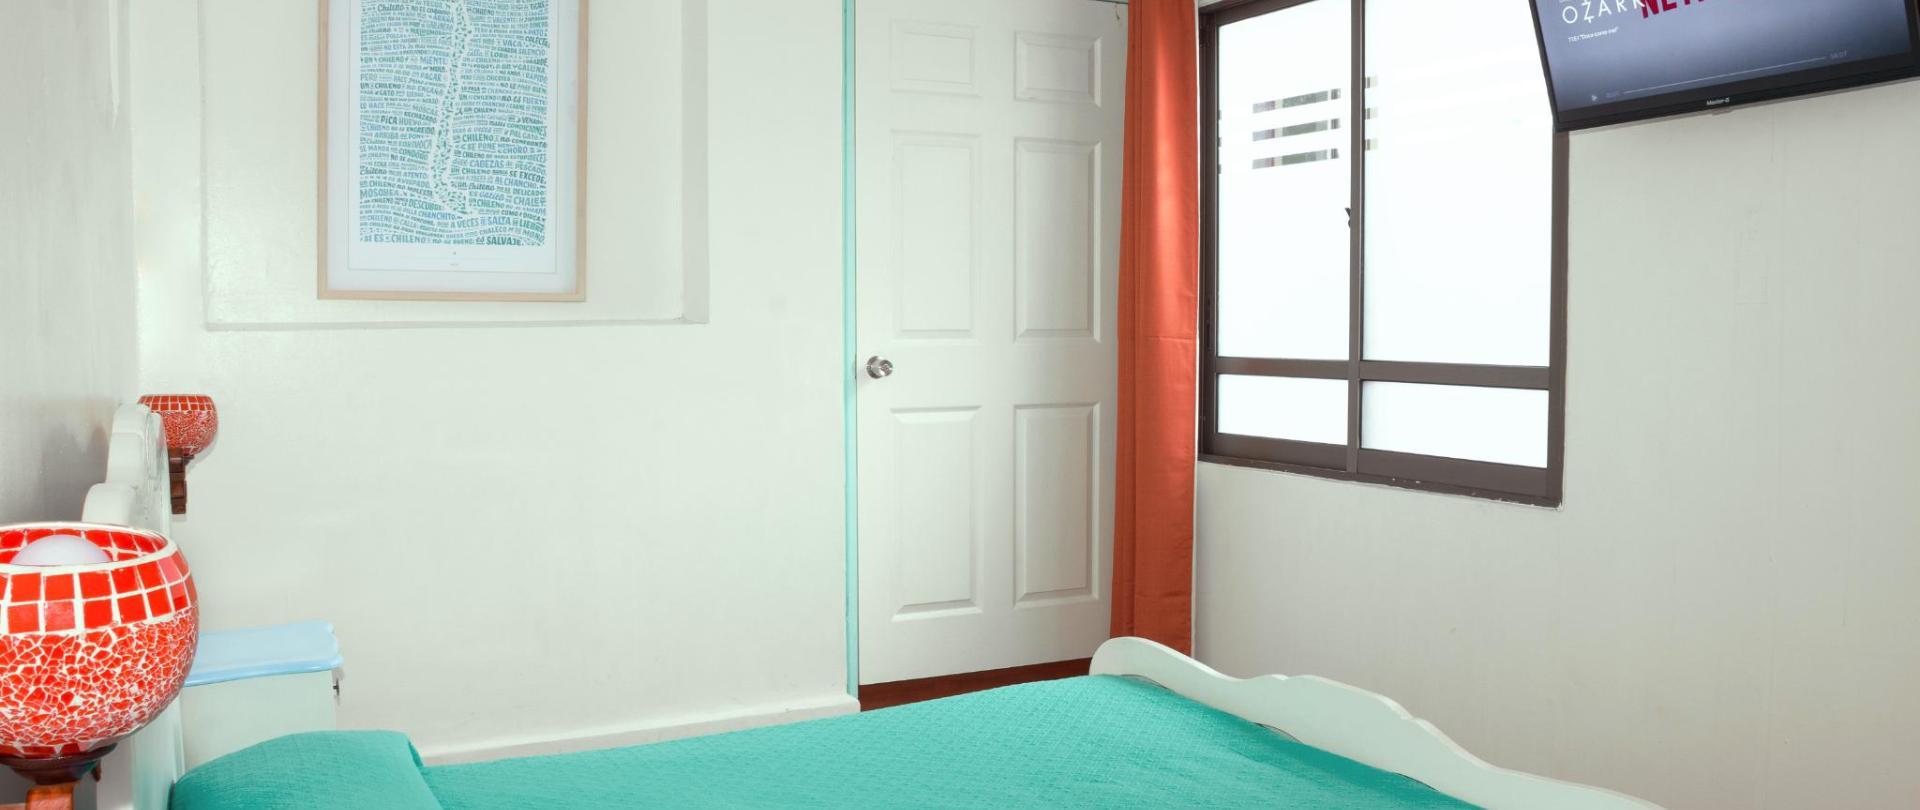 habitaciones-2.jpg